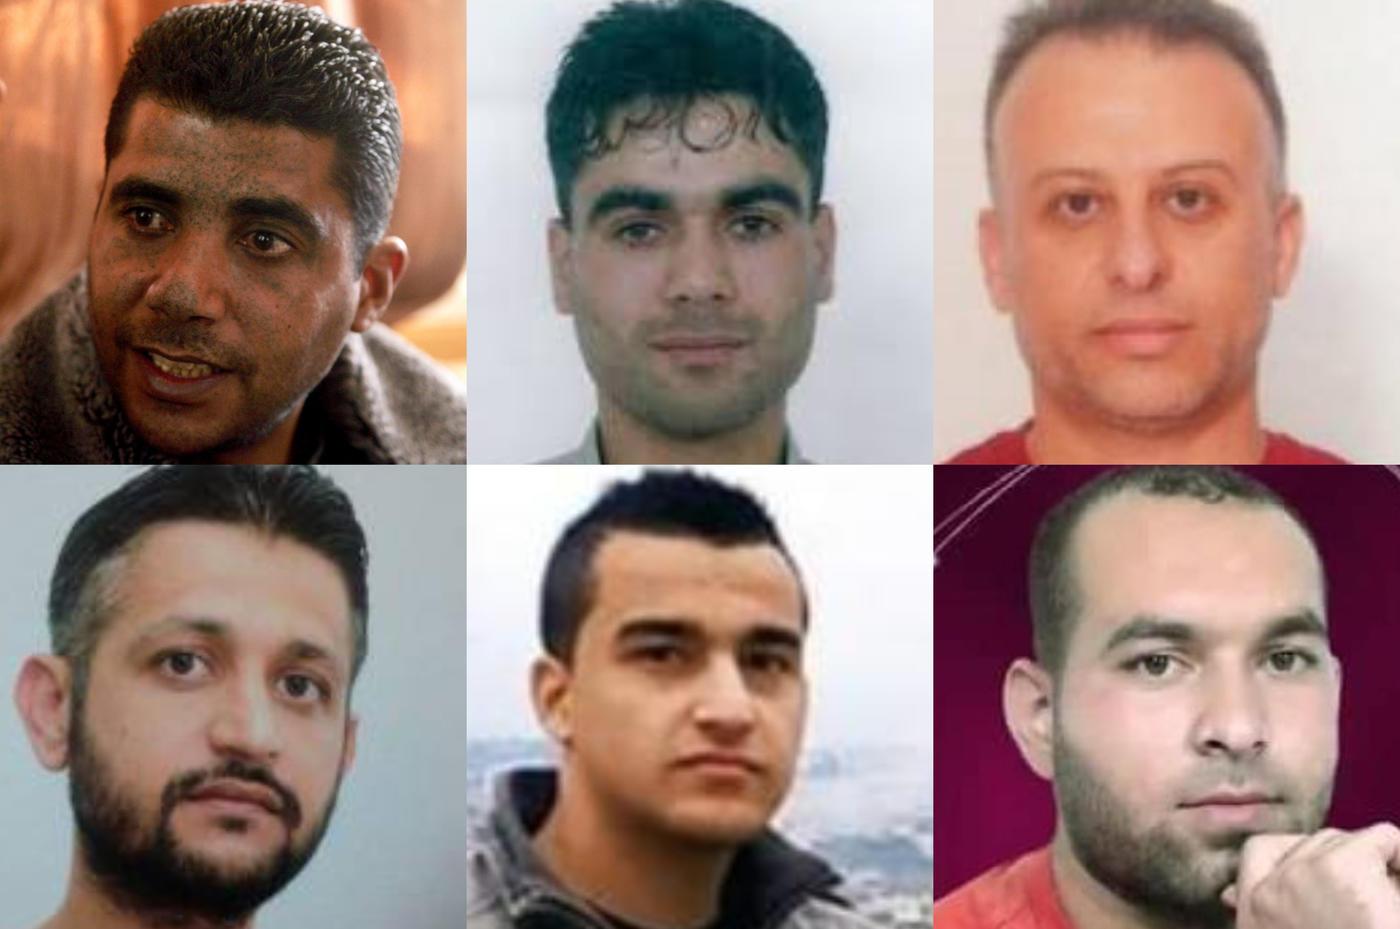 Un trou, un tunnel, une rampe de 32 mètres : évasion spectaculaire de 6 palestiniens d'une prison en Israël